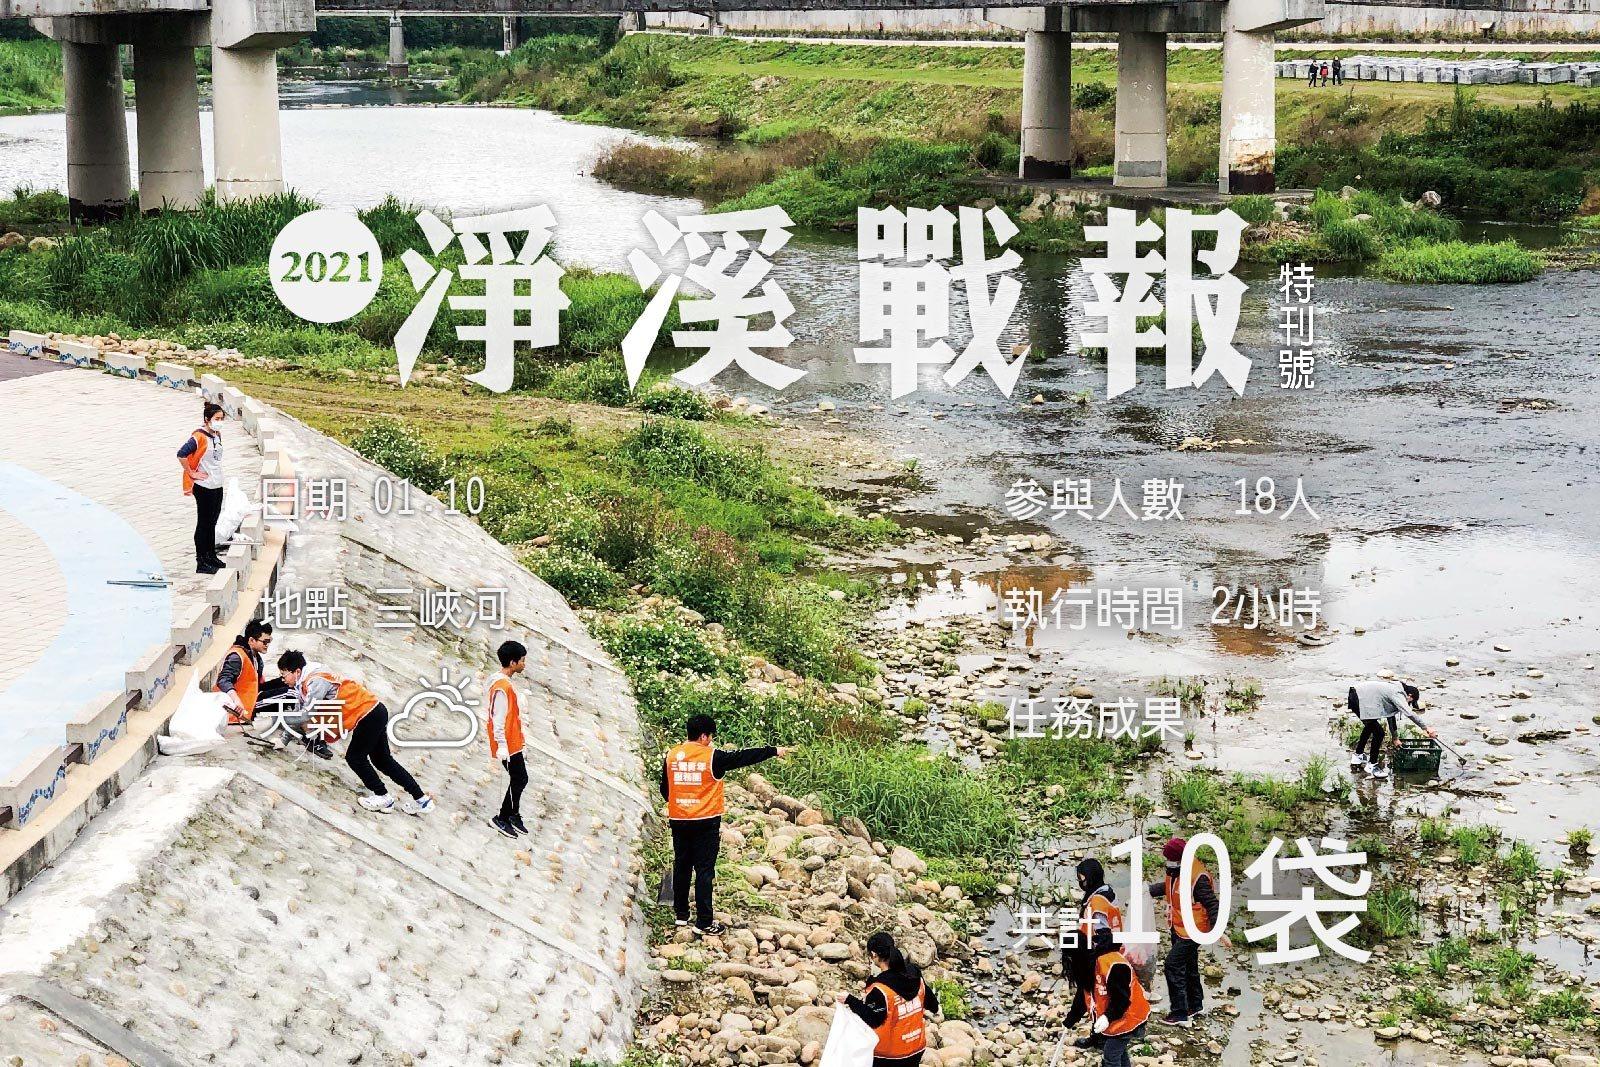 2021/1/10 桃子腳國中部